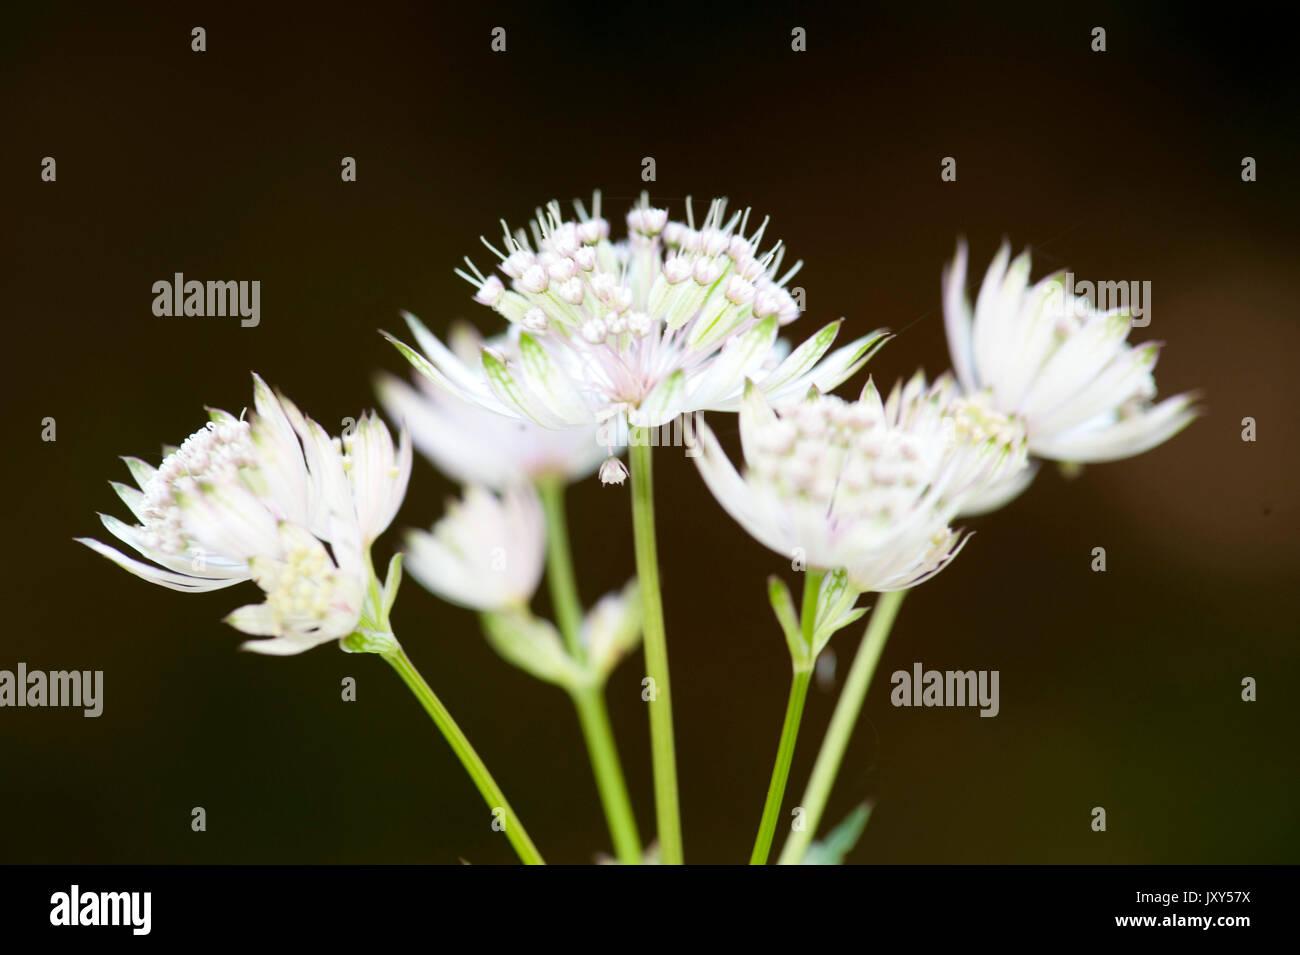 Soft White Flowers Species Unknown Possibly Allium Zarnesti Stock